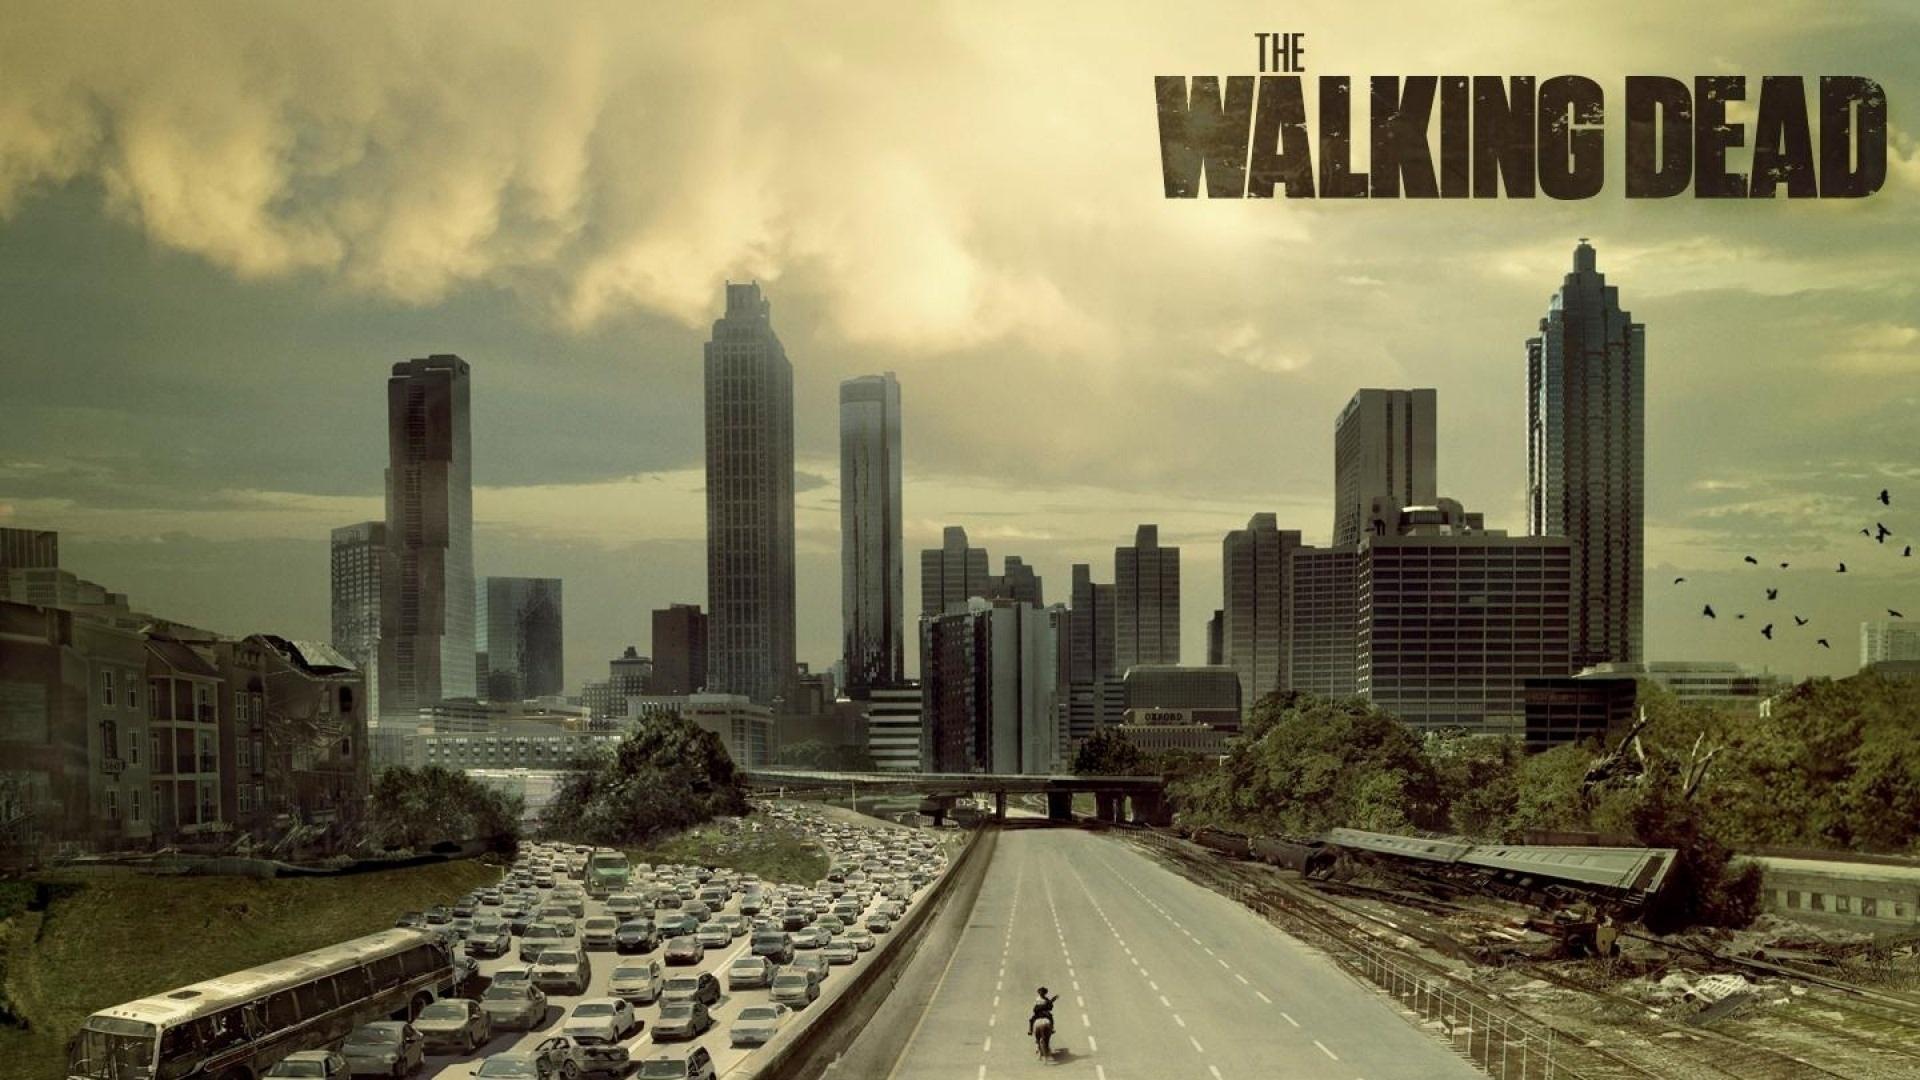 The Walking Dead 1920x1080 wallpaper